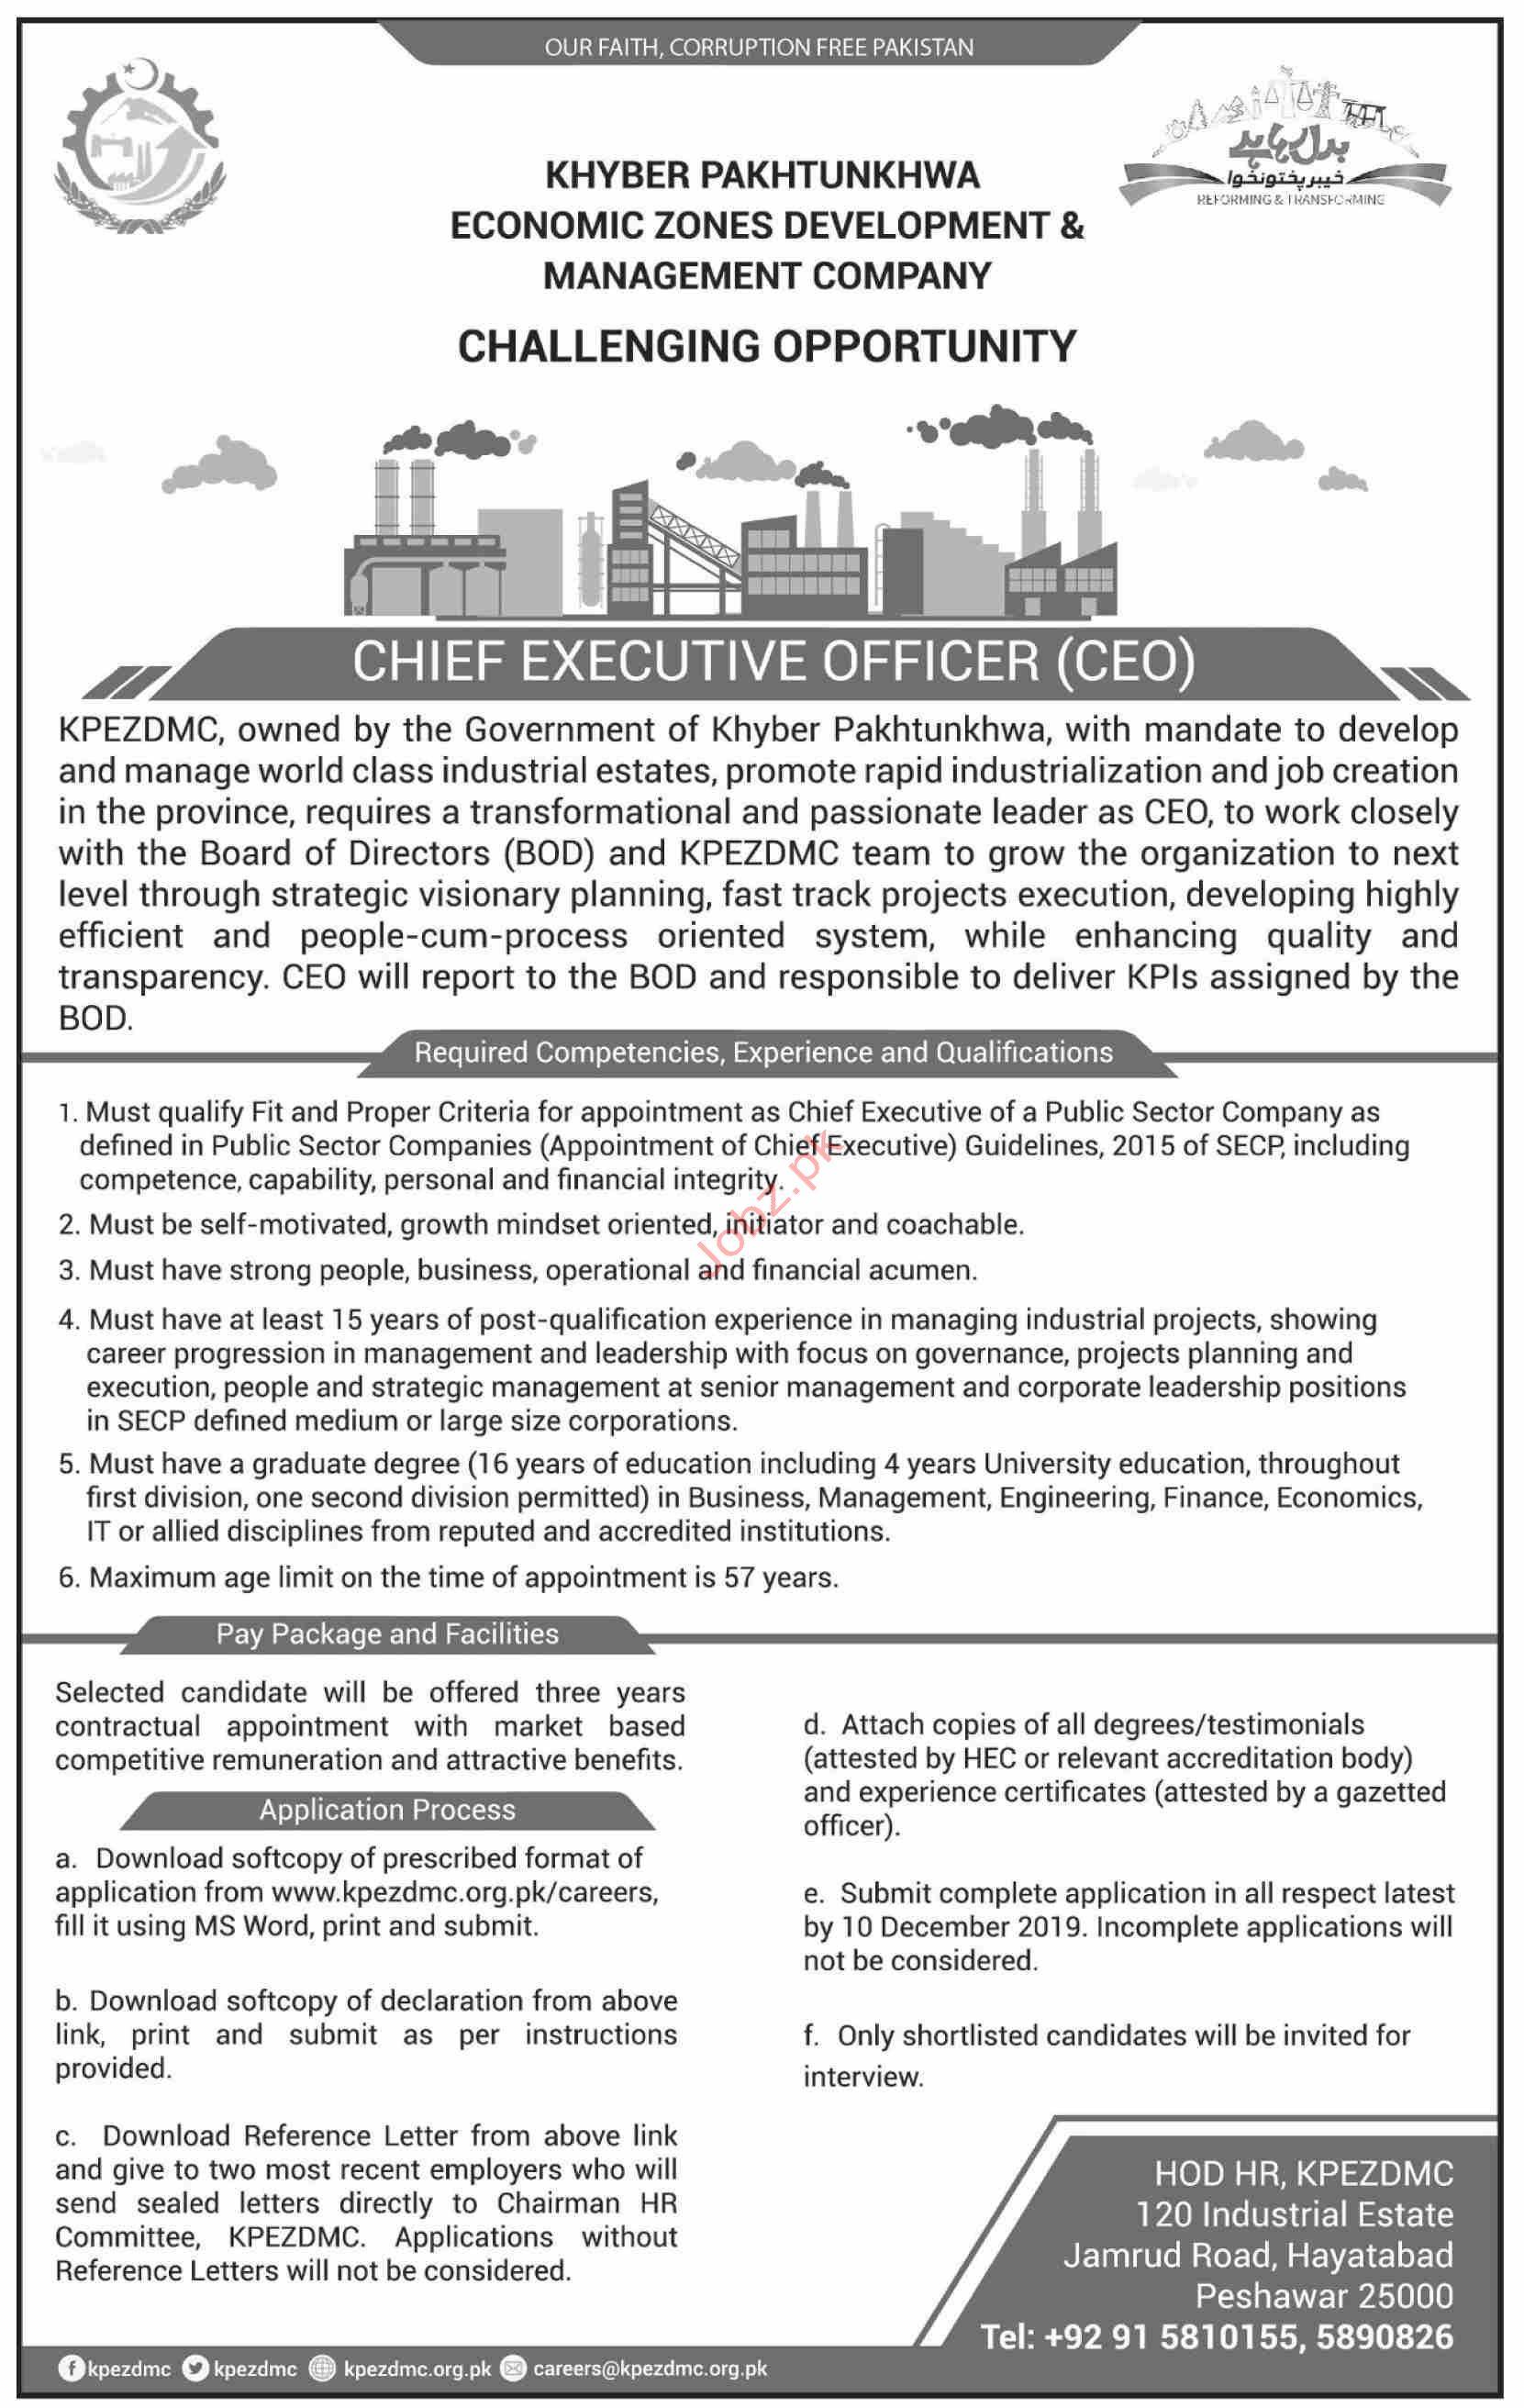 KPK Economic Zones Development and Company Jobs 2019